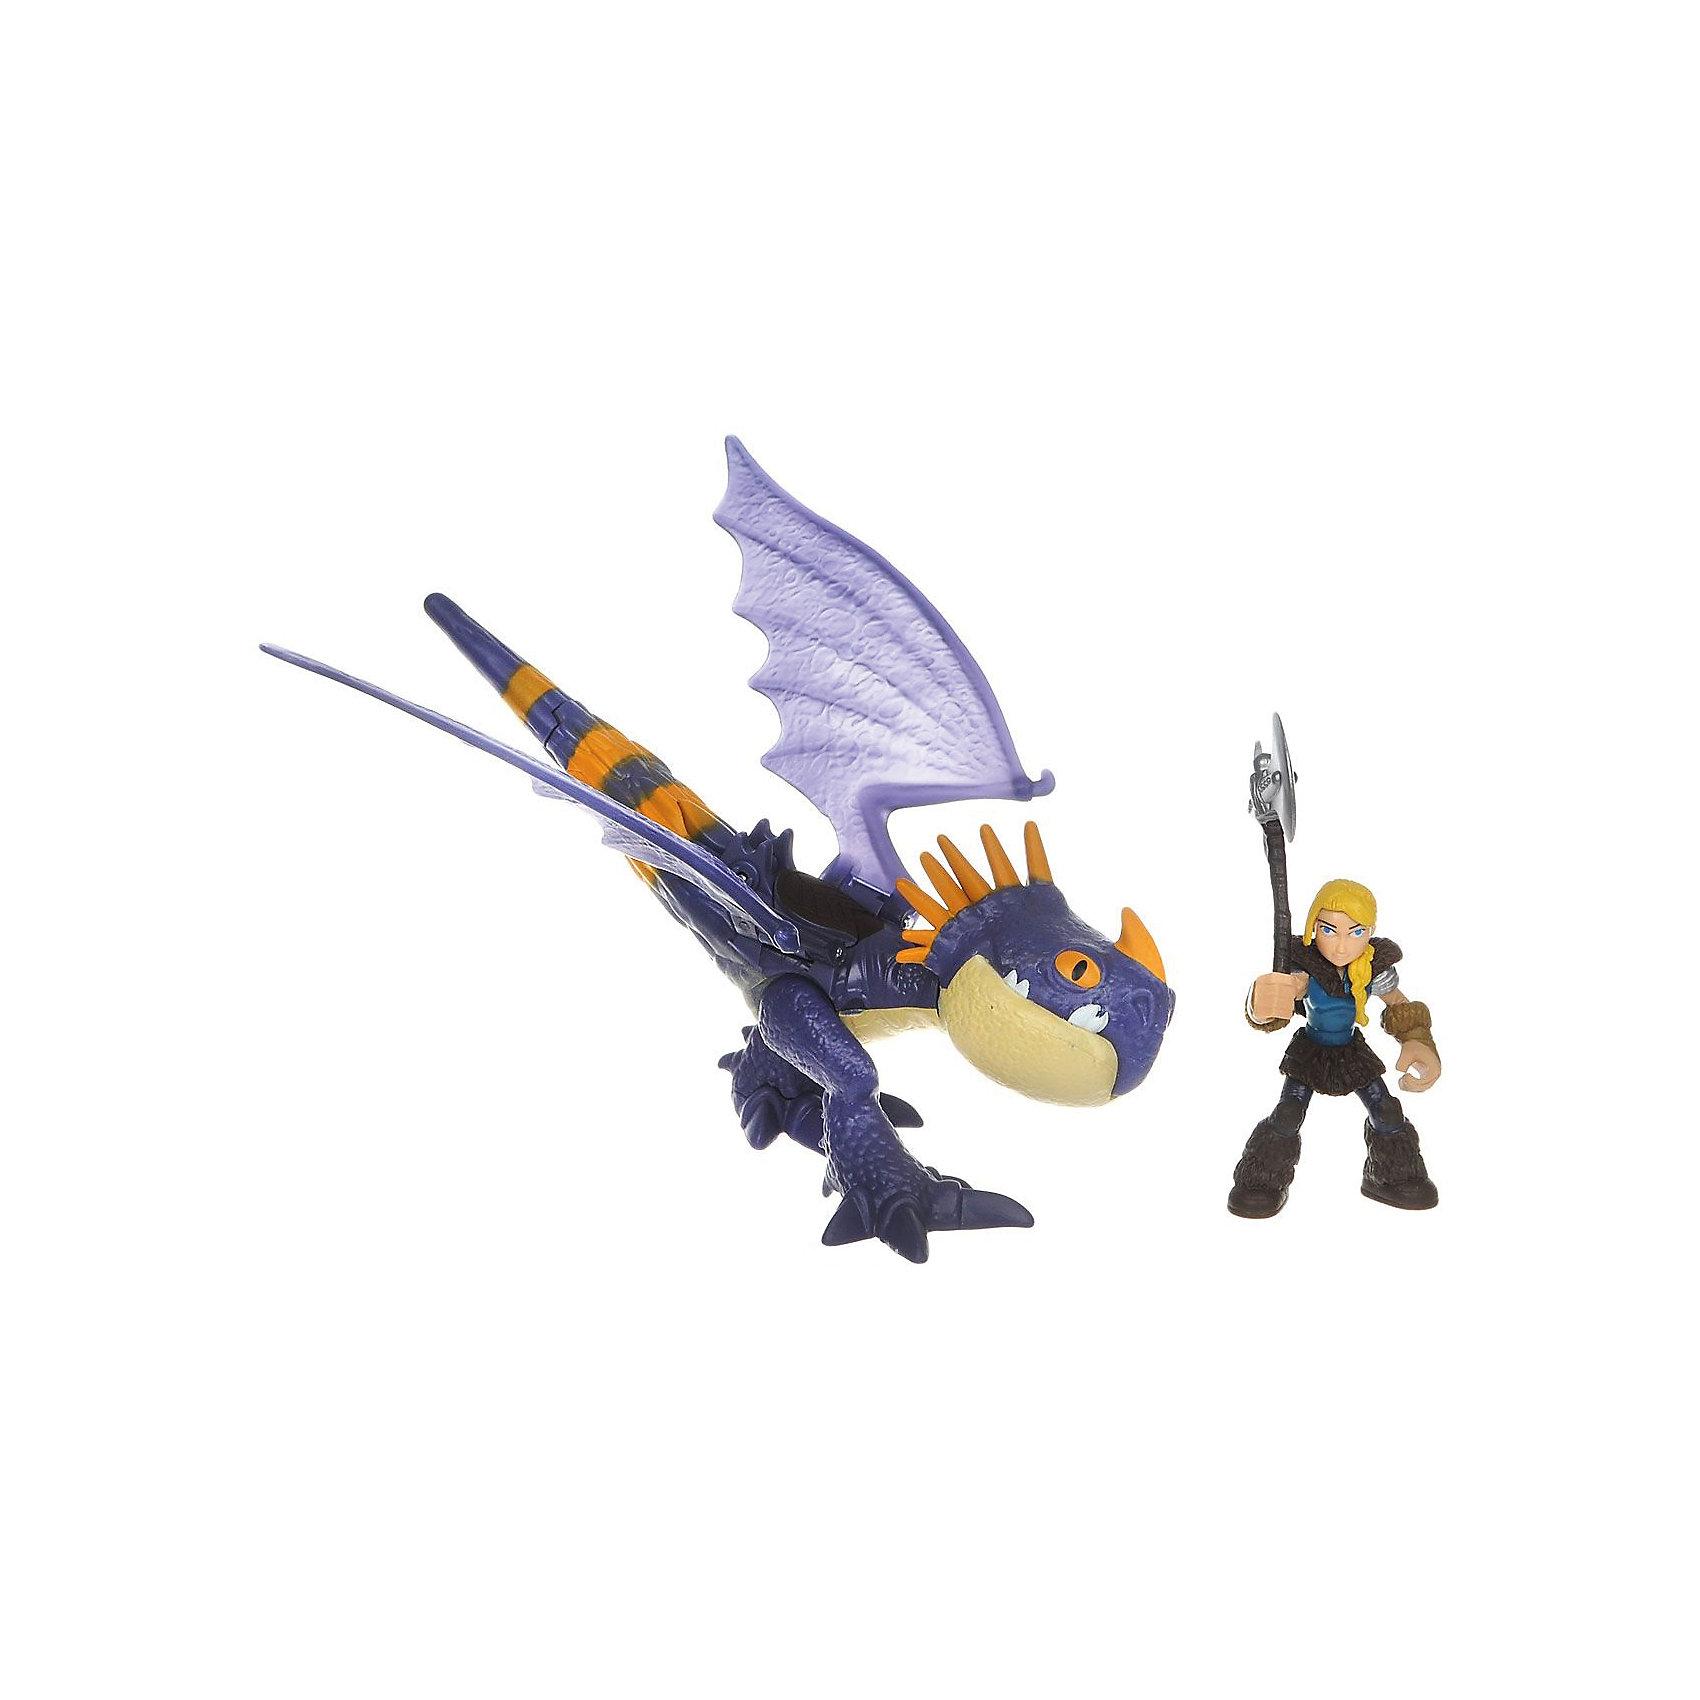 Набор Астрид и Громгильда, фиолетовый дракон, Как приручить дракона, Spin MasterКоллекционные и игровые фигурки<br>Характеристики товара:<br><br>• возраст от 4 лет;<br>• материал: пластик;<br>• в комплекте: фигурка дракона, фигурка Астрид, оружие, заряд; <br>• размер дракона 18 см;<br>• высота всадника 6 см;<br>• размер упаковки 29,2х21х10,2 см;<br>• вес упаковки 320 гр.;<br>• страна производитель: Китай.<br><br>Набор «Астрид и Громгильда» Как приручить дракона Spin Master создан по мотивам известного мультфильма «Как приручить дракона». В комплекте фигурка Астрид, подруги главного героя Иккинга, и ее верный дракон Громгильда. У Астрид в руках оружие, а дракон может стрелять снарядом. С фигурками можно устроить захватывающие сражения или воспроизводить сценки из мультфильма. У дракона подвижные лапы и крылья, а у Астрид подвижные руки и ноги. Игрушки изготовлены из качественного пластика.<br><br>Набор «Астрид и Громгильда» Как приручить дракона Spin Master можно приобрести в нашем интернет-магазине.<br><br>Ширина мм: 295<br>Глубина мм: 213<br>Высота мм: 106<br>Вес г: 201<br>Возраст от месяцев: 36<br>Возраст до месяцев: 96<br>Пол: Унисекс<br>Возраст: Детский<br>SKU: 6739775